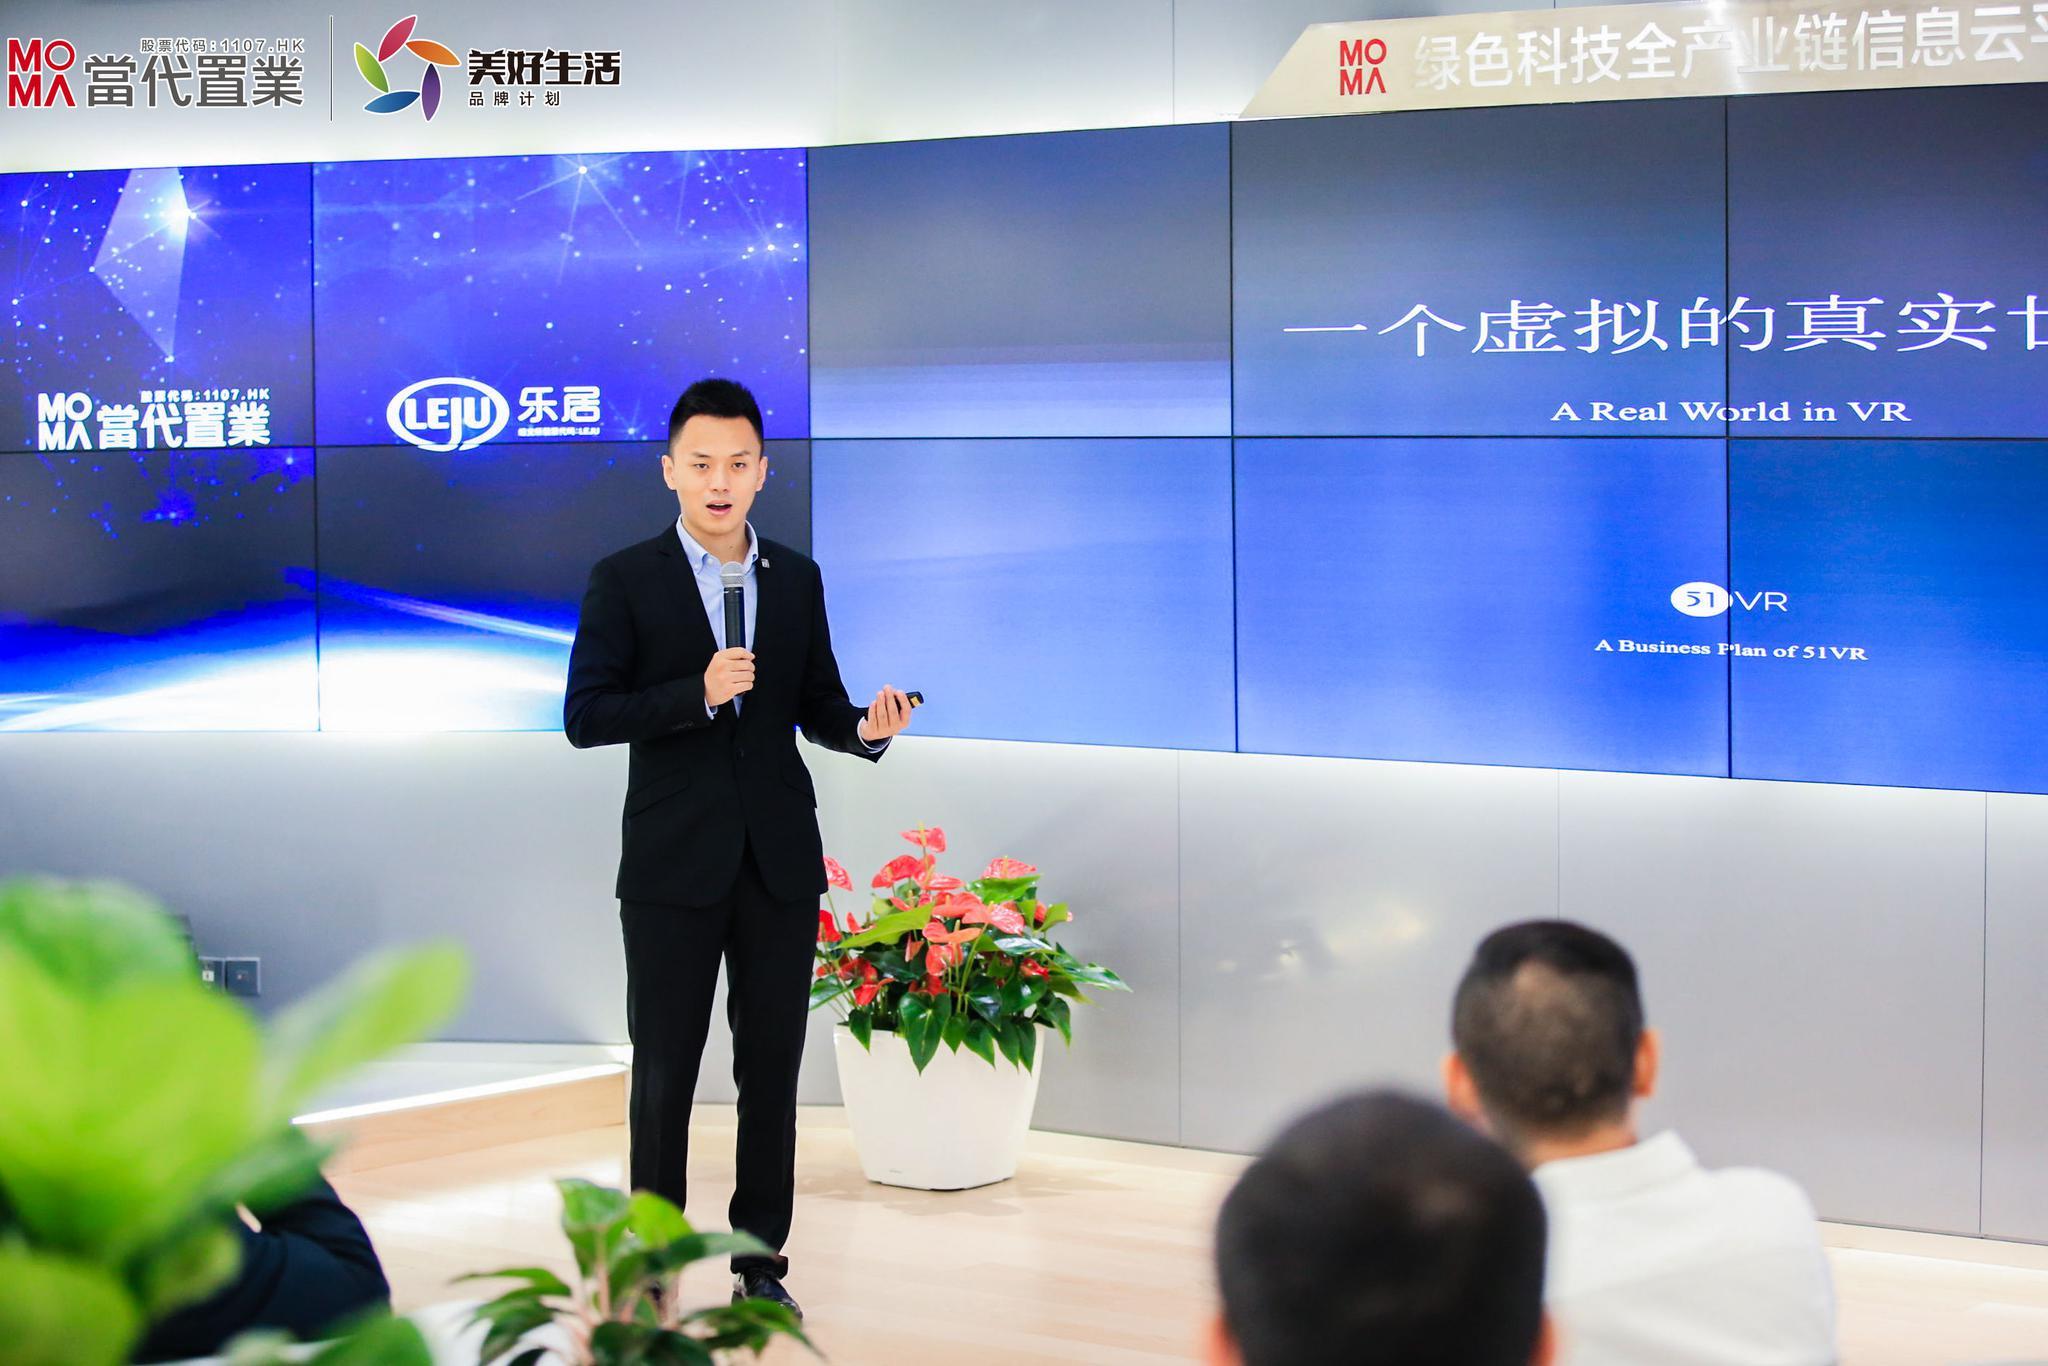 第一资产总裁,51VR创始人、CEO李熠